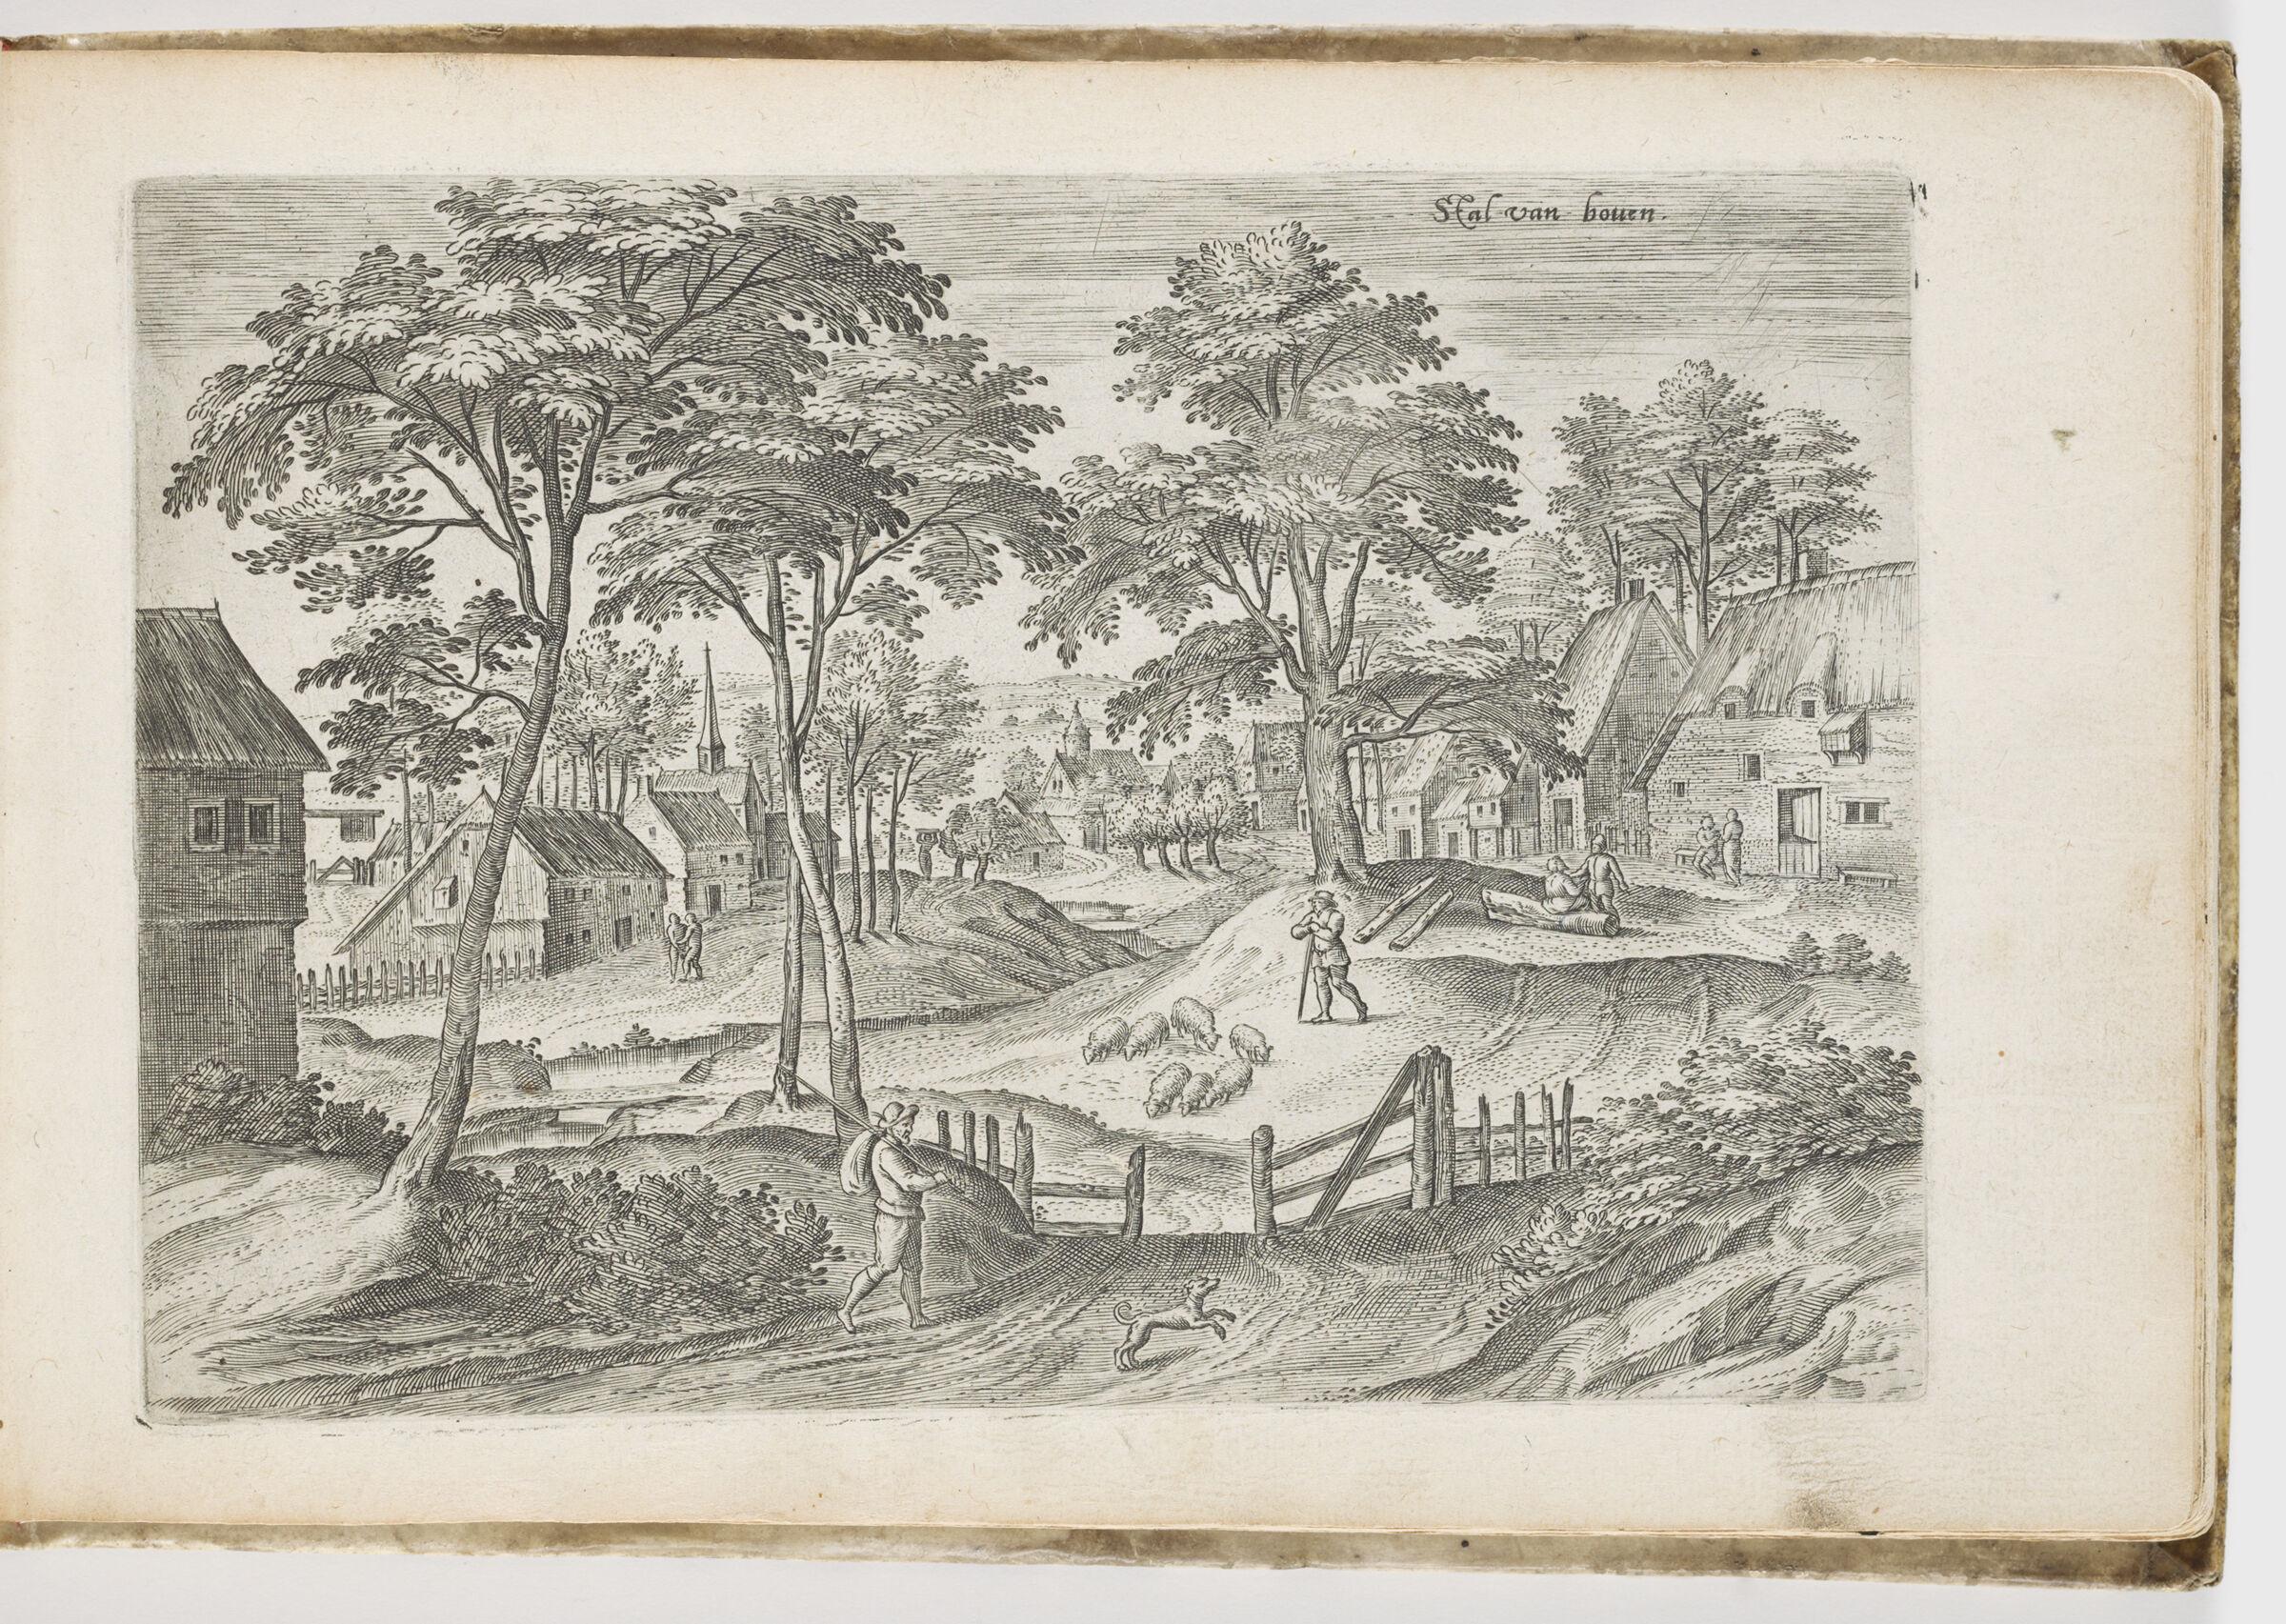 Sfal Van Bouen